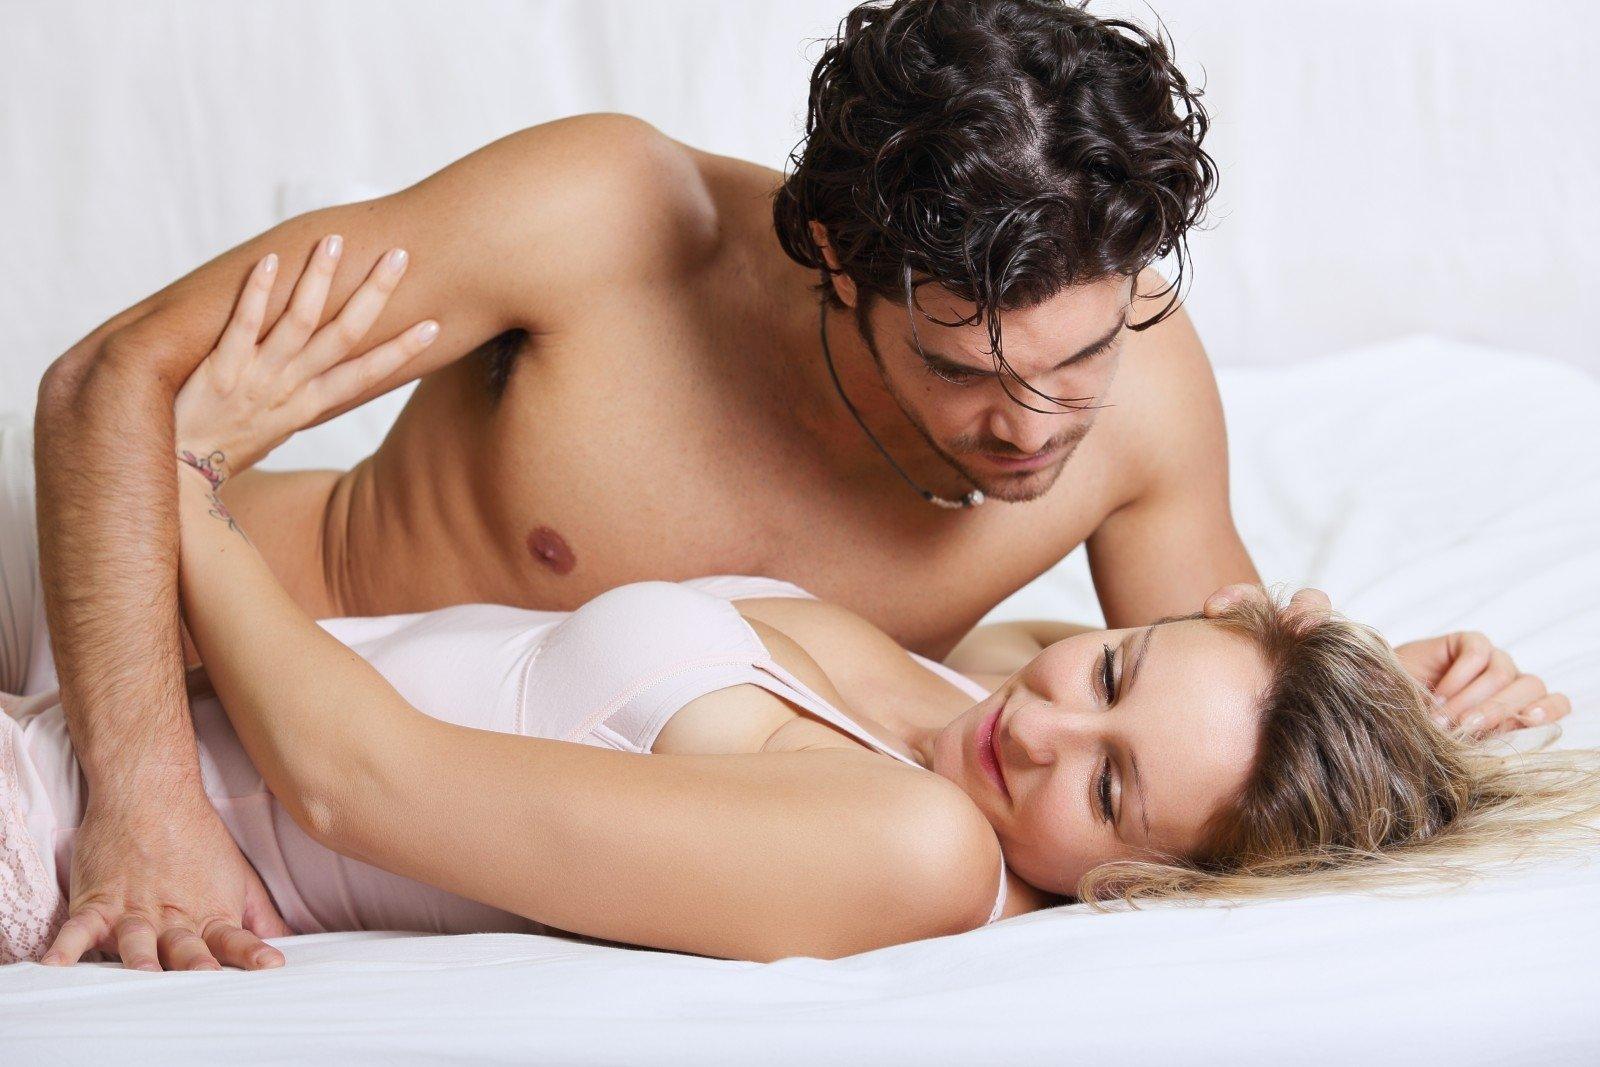 свой возраст, девка хочет секса смотреть на пацана ждем того